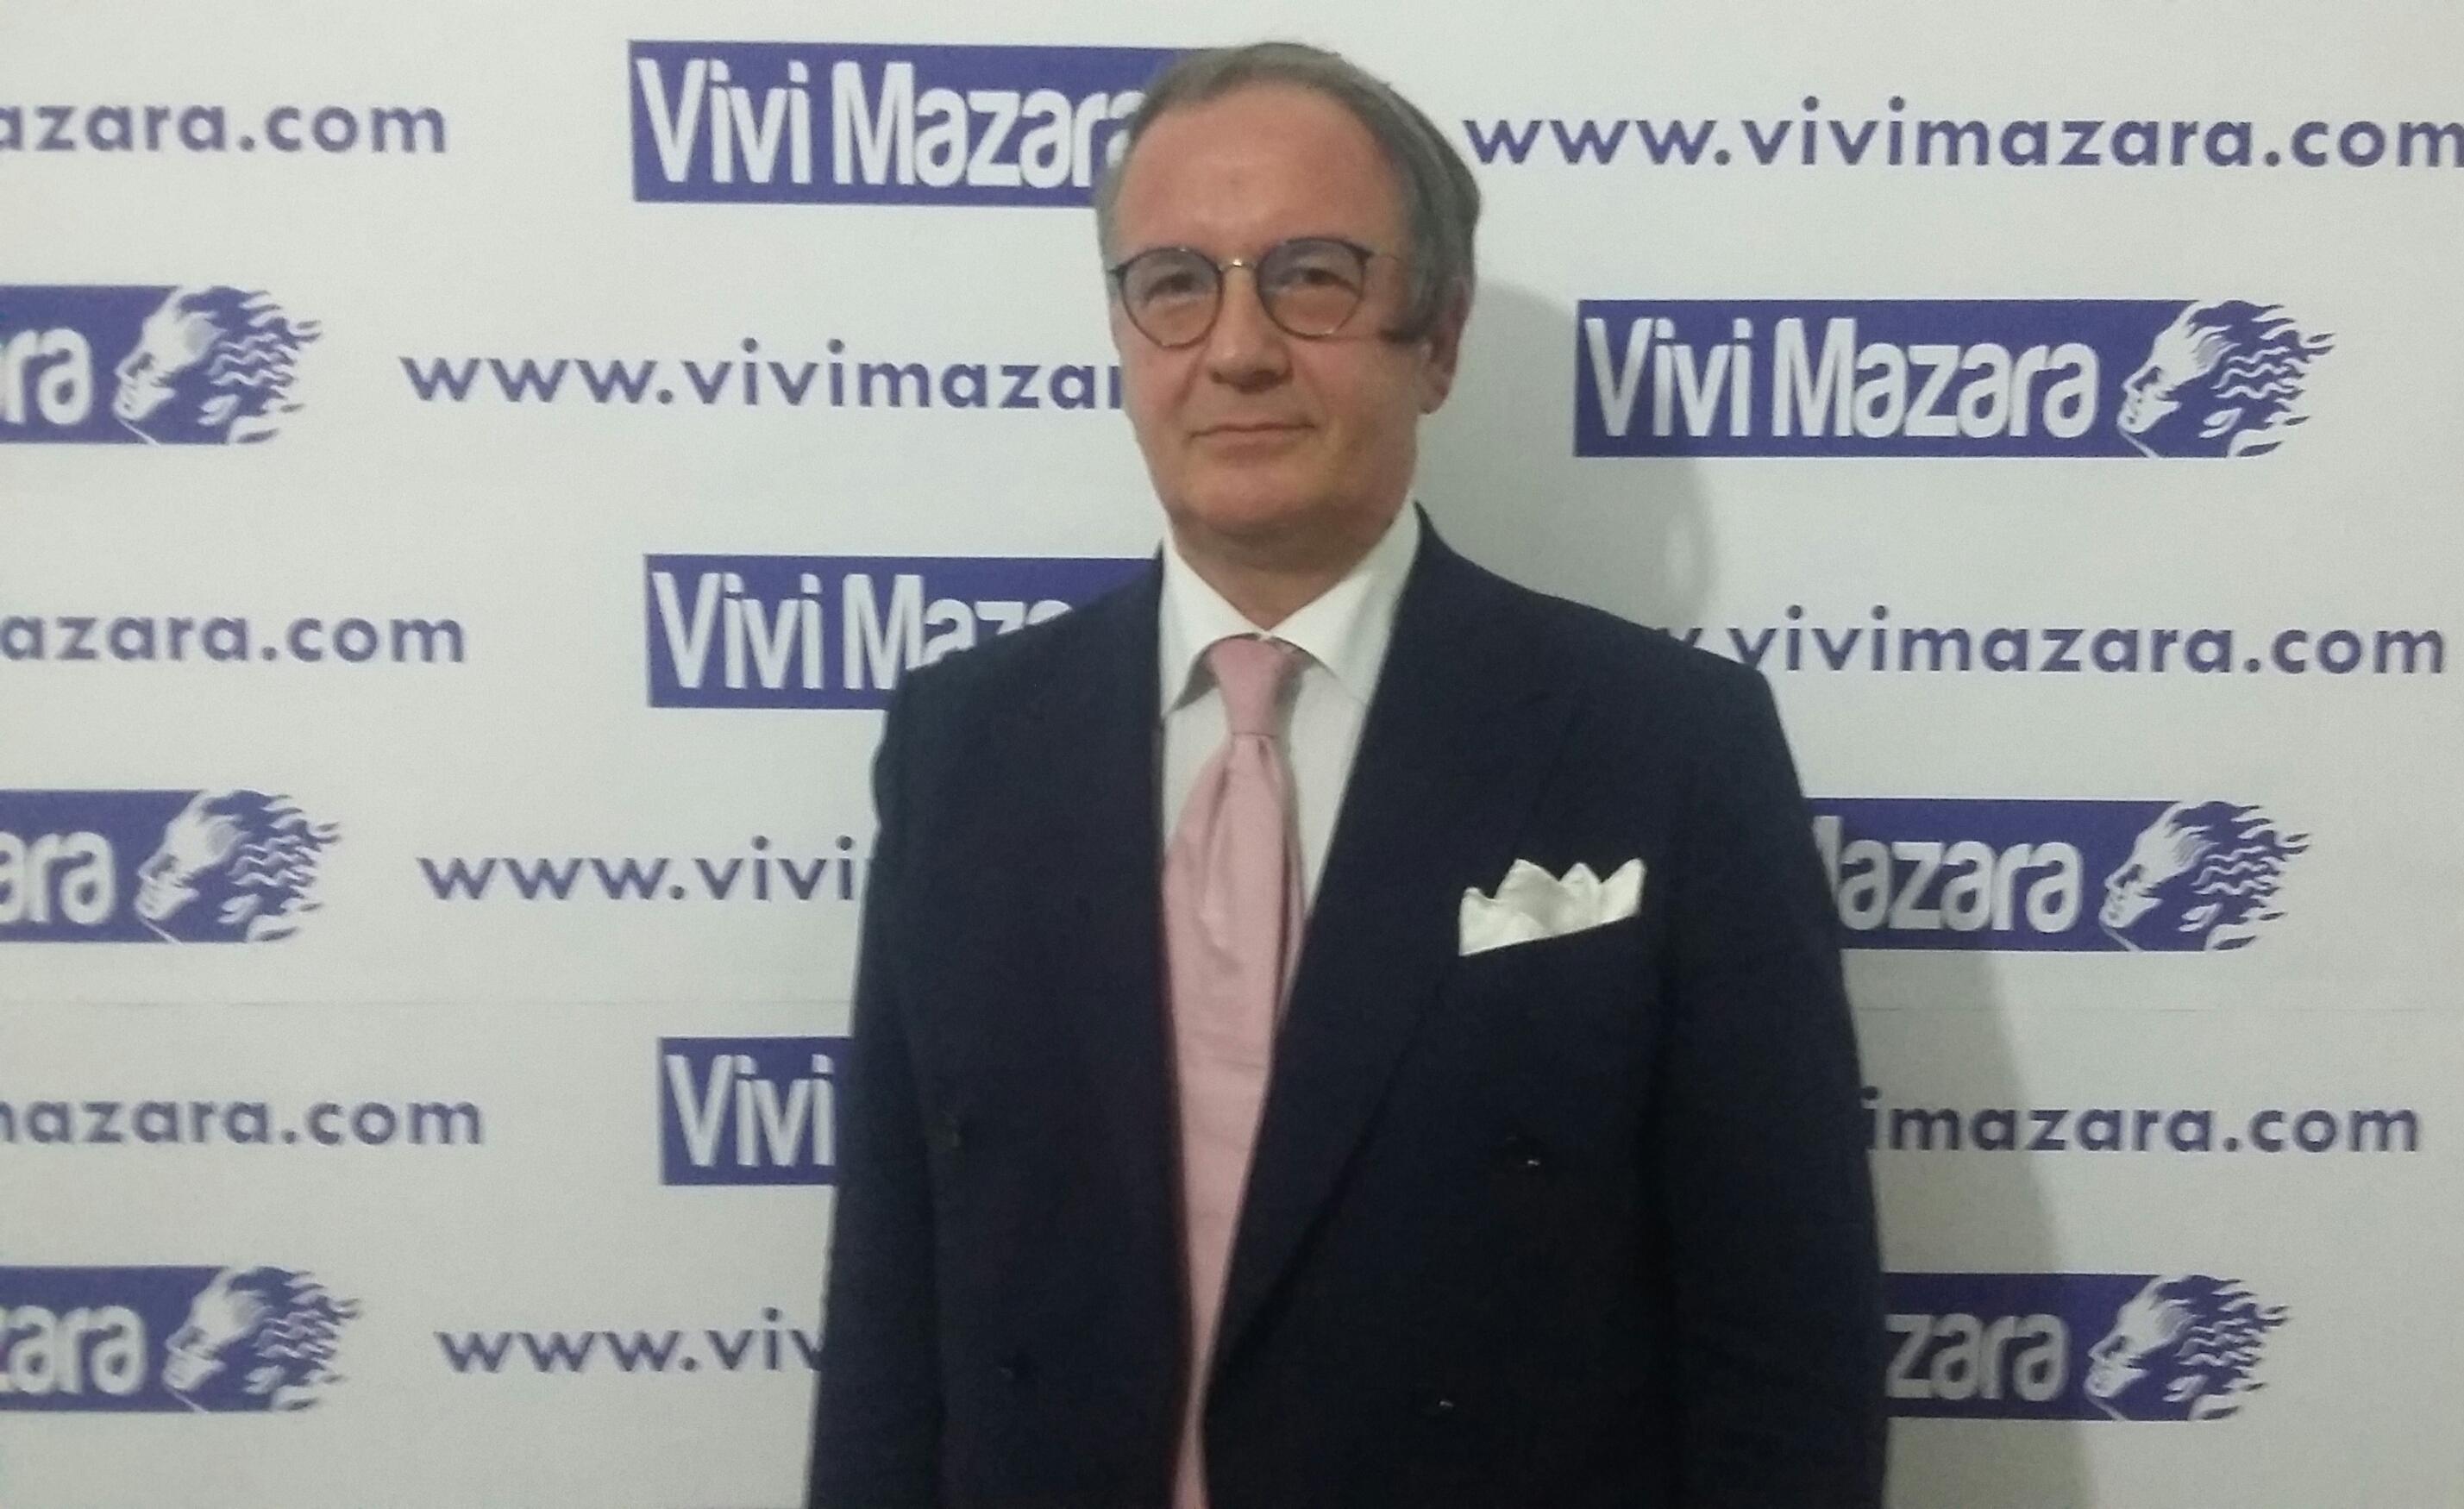 Mazara: AMMINISTRATIVE 2019, VIDEO INTERVISTA CON L'AVV. GASPARE MORELO